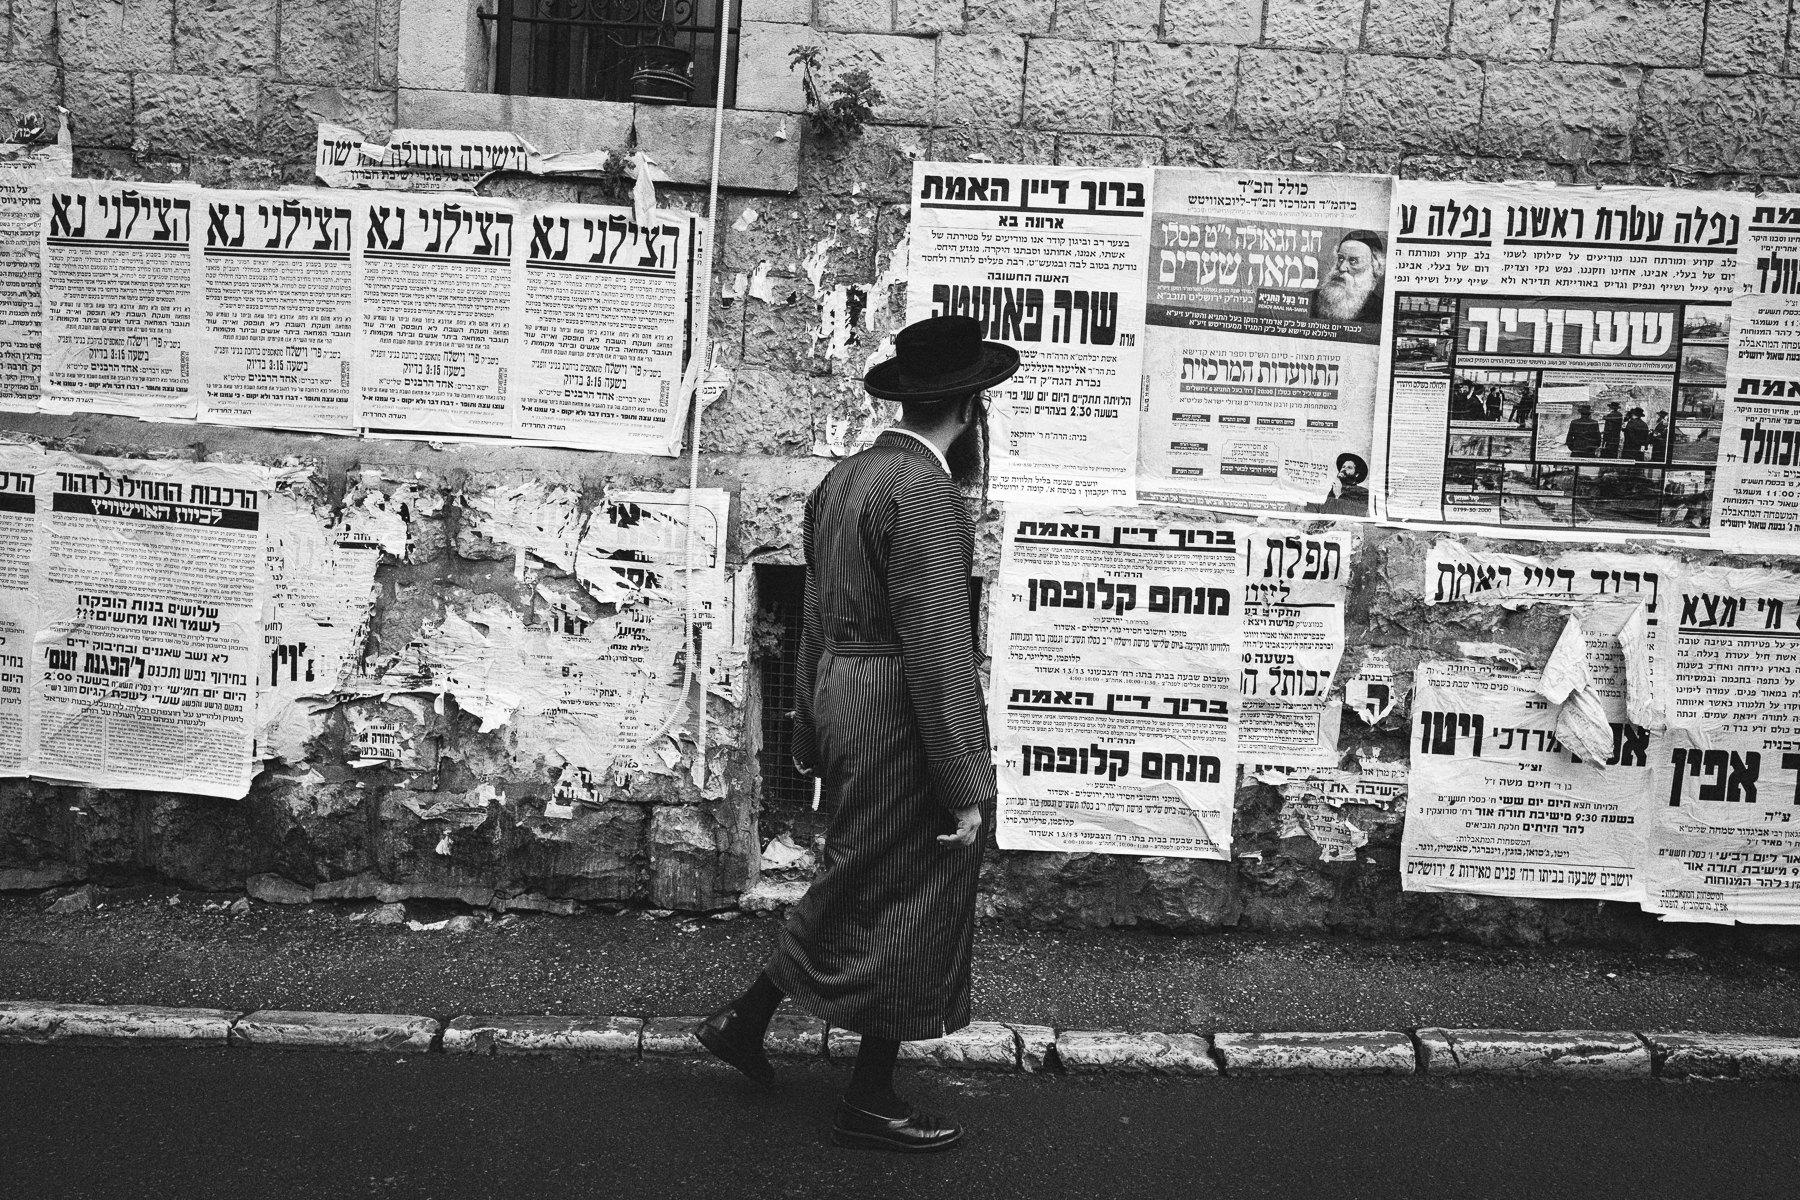 Mea She'arim, Jerusalem